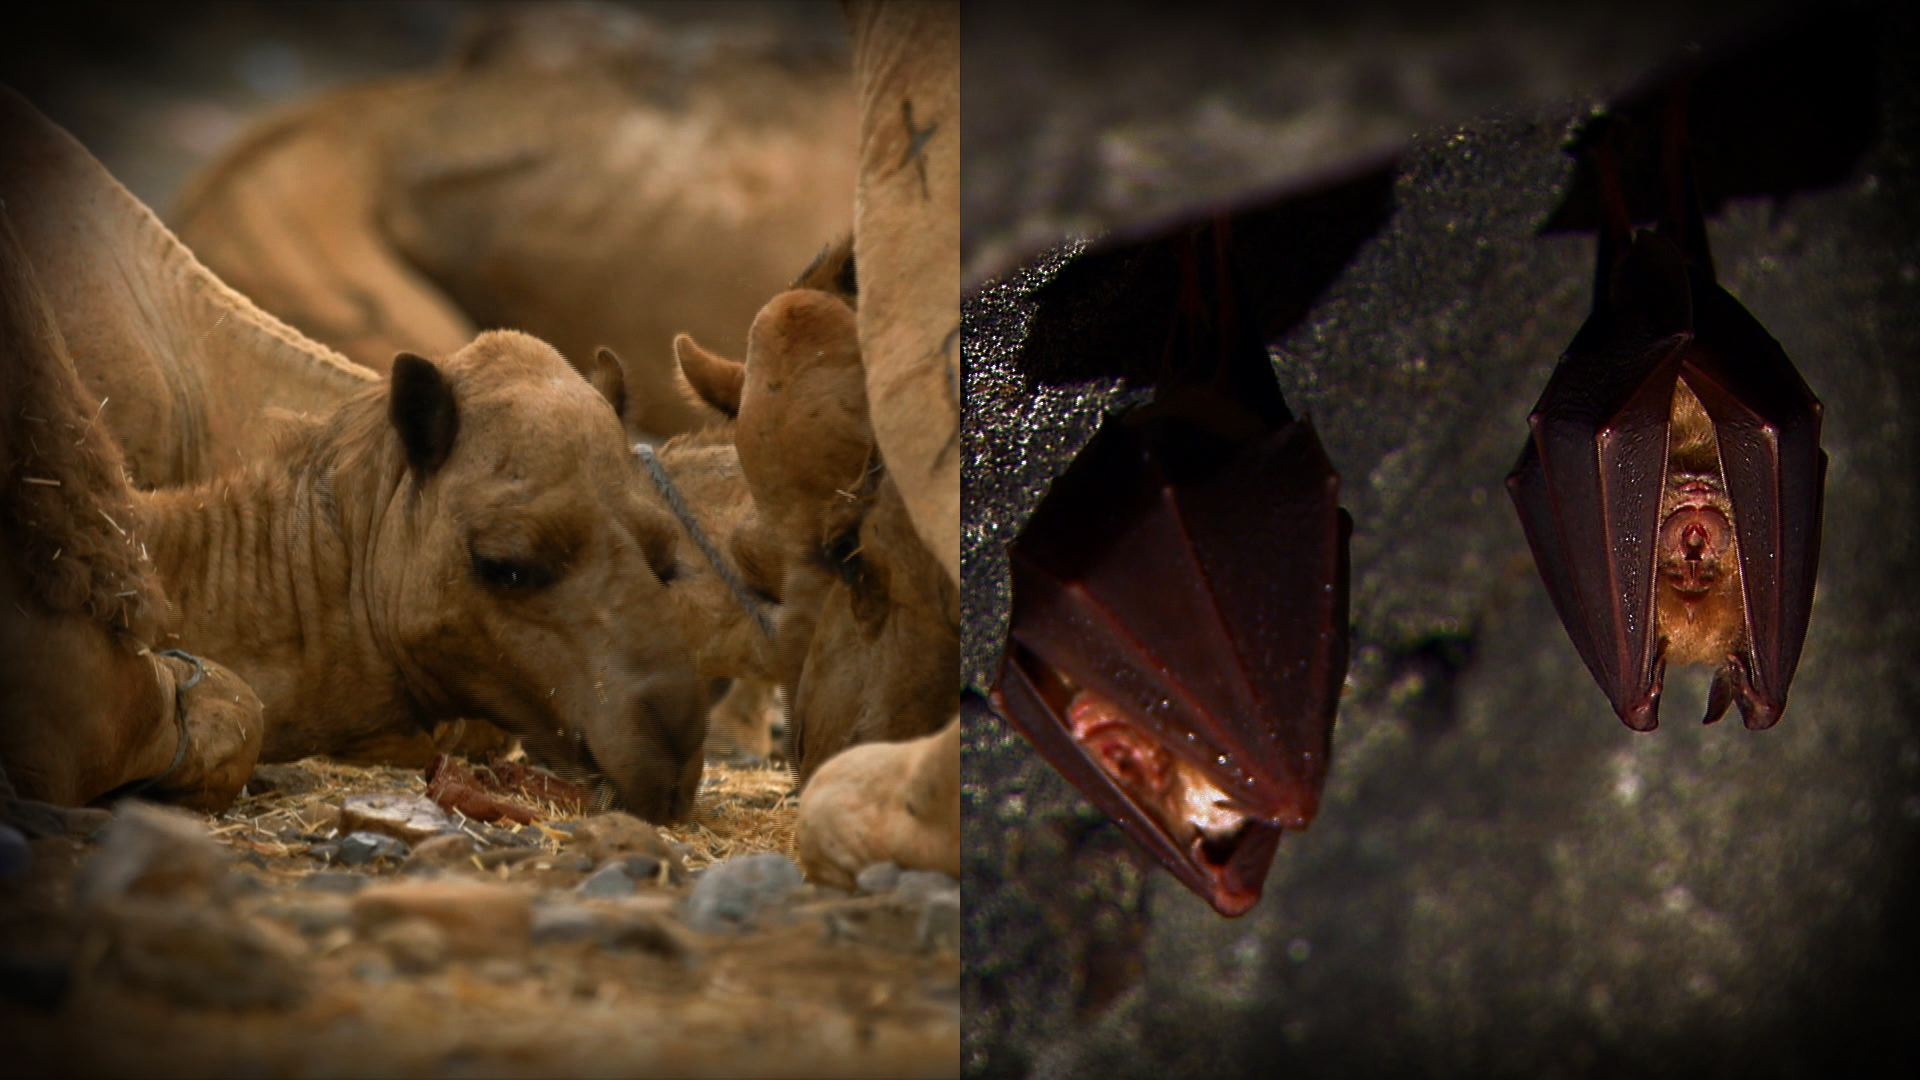 낙타와 박쥐는 어떻게 만났을까?